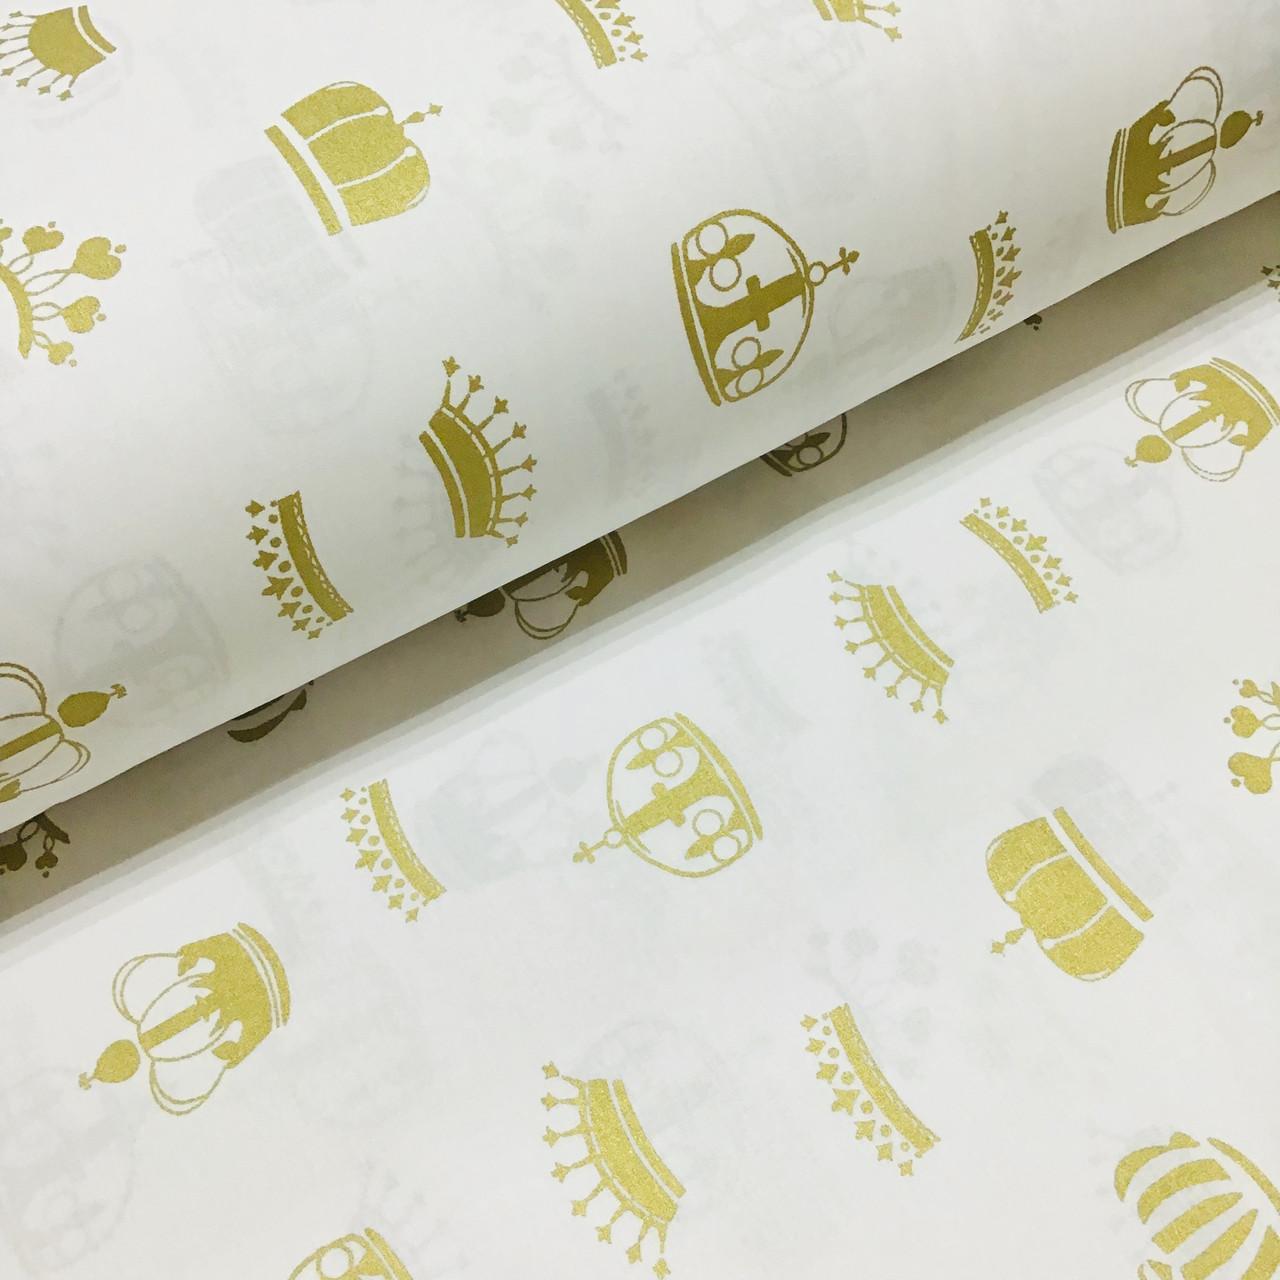 Ткань поплин золотые (глиттер) короны на белом (ТУРЦИЯ шир. 2,4 м) №32-117